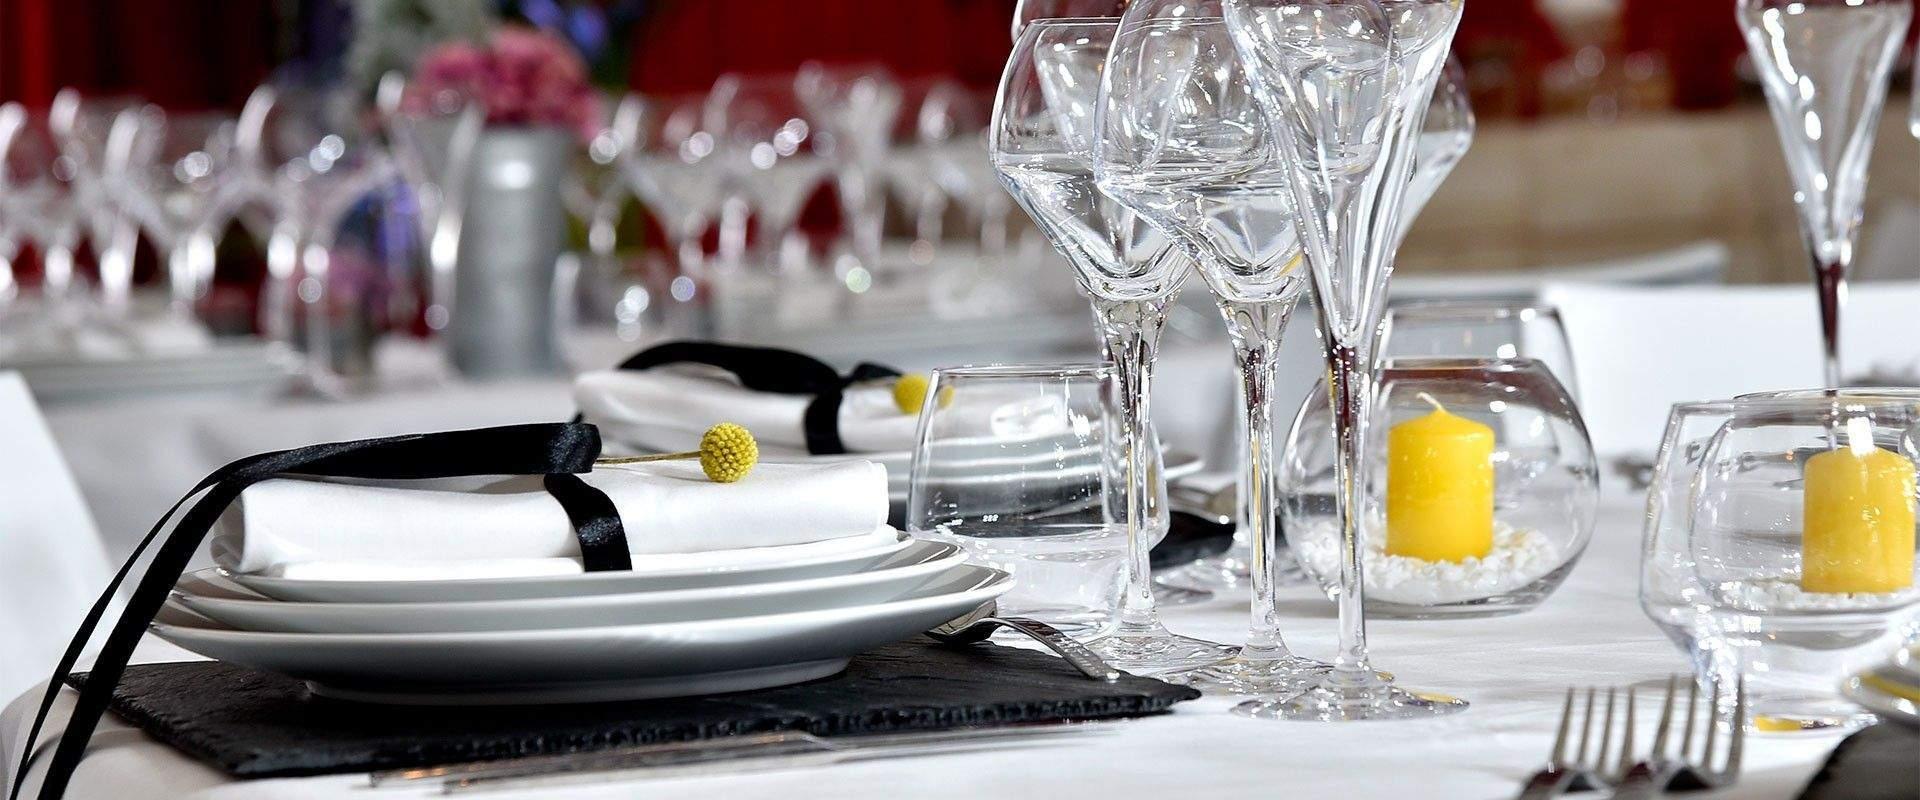 Découvrez notre Catalogue de vaisselle, mobilier, tentes, chapiteau et décoration sur Lyon et Grenoble, Annecy et Paris